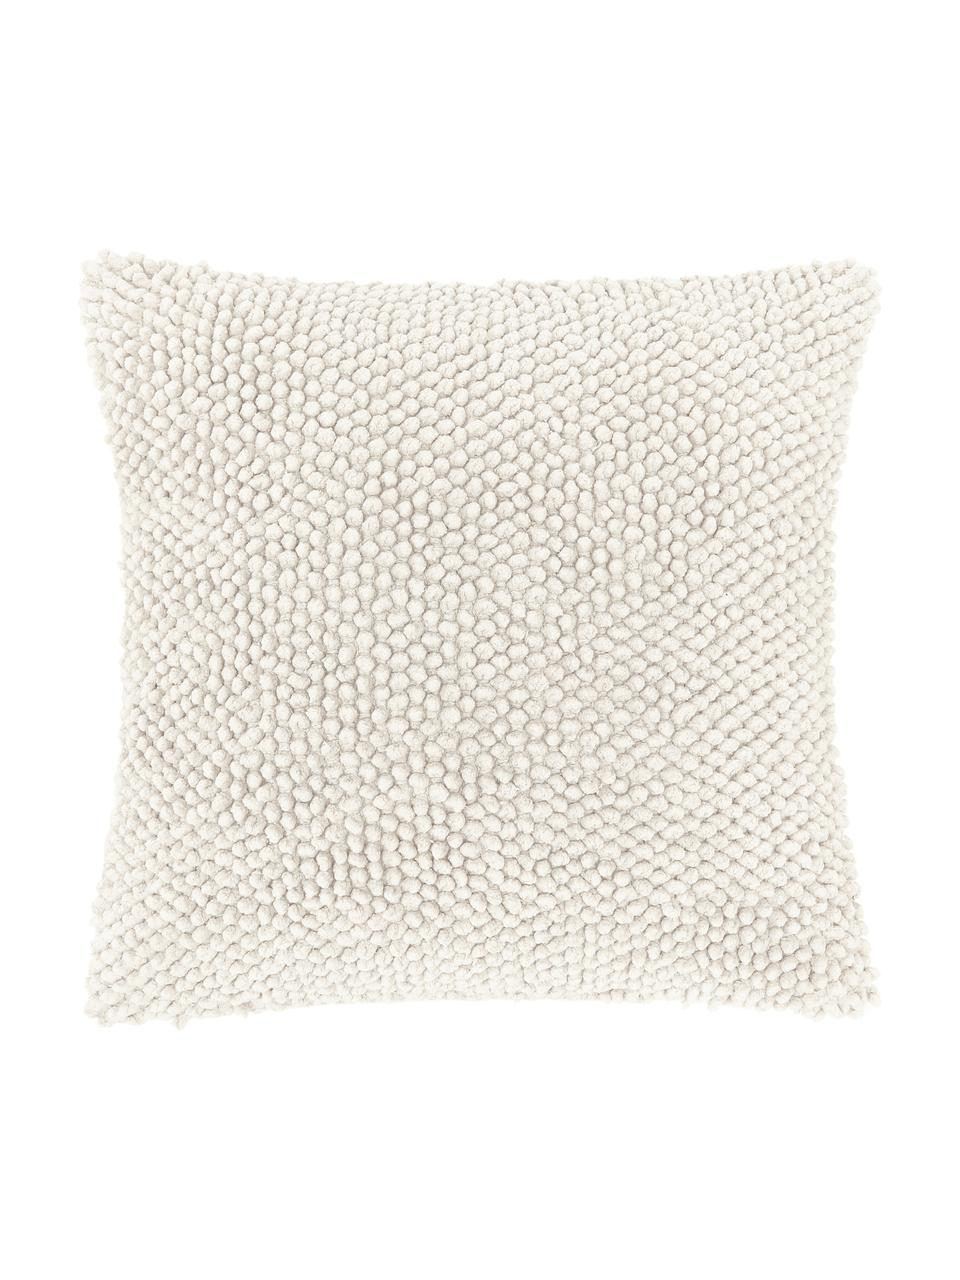 Poszewka na poduszkę ze strukturalną powierzchnią Indi, 100% bawełna, Złamana biel, S 45 x D 45 cm